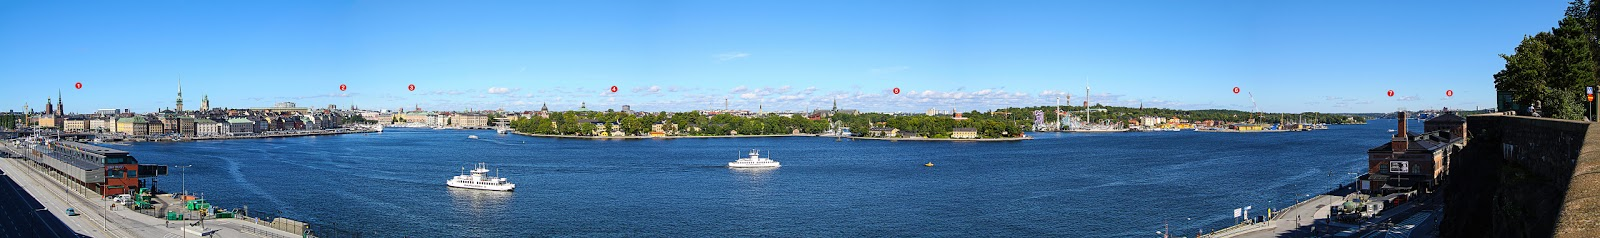 Stockholm - eine Panoramasicht von Södermalm